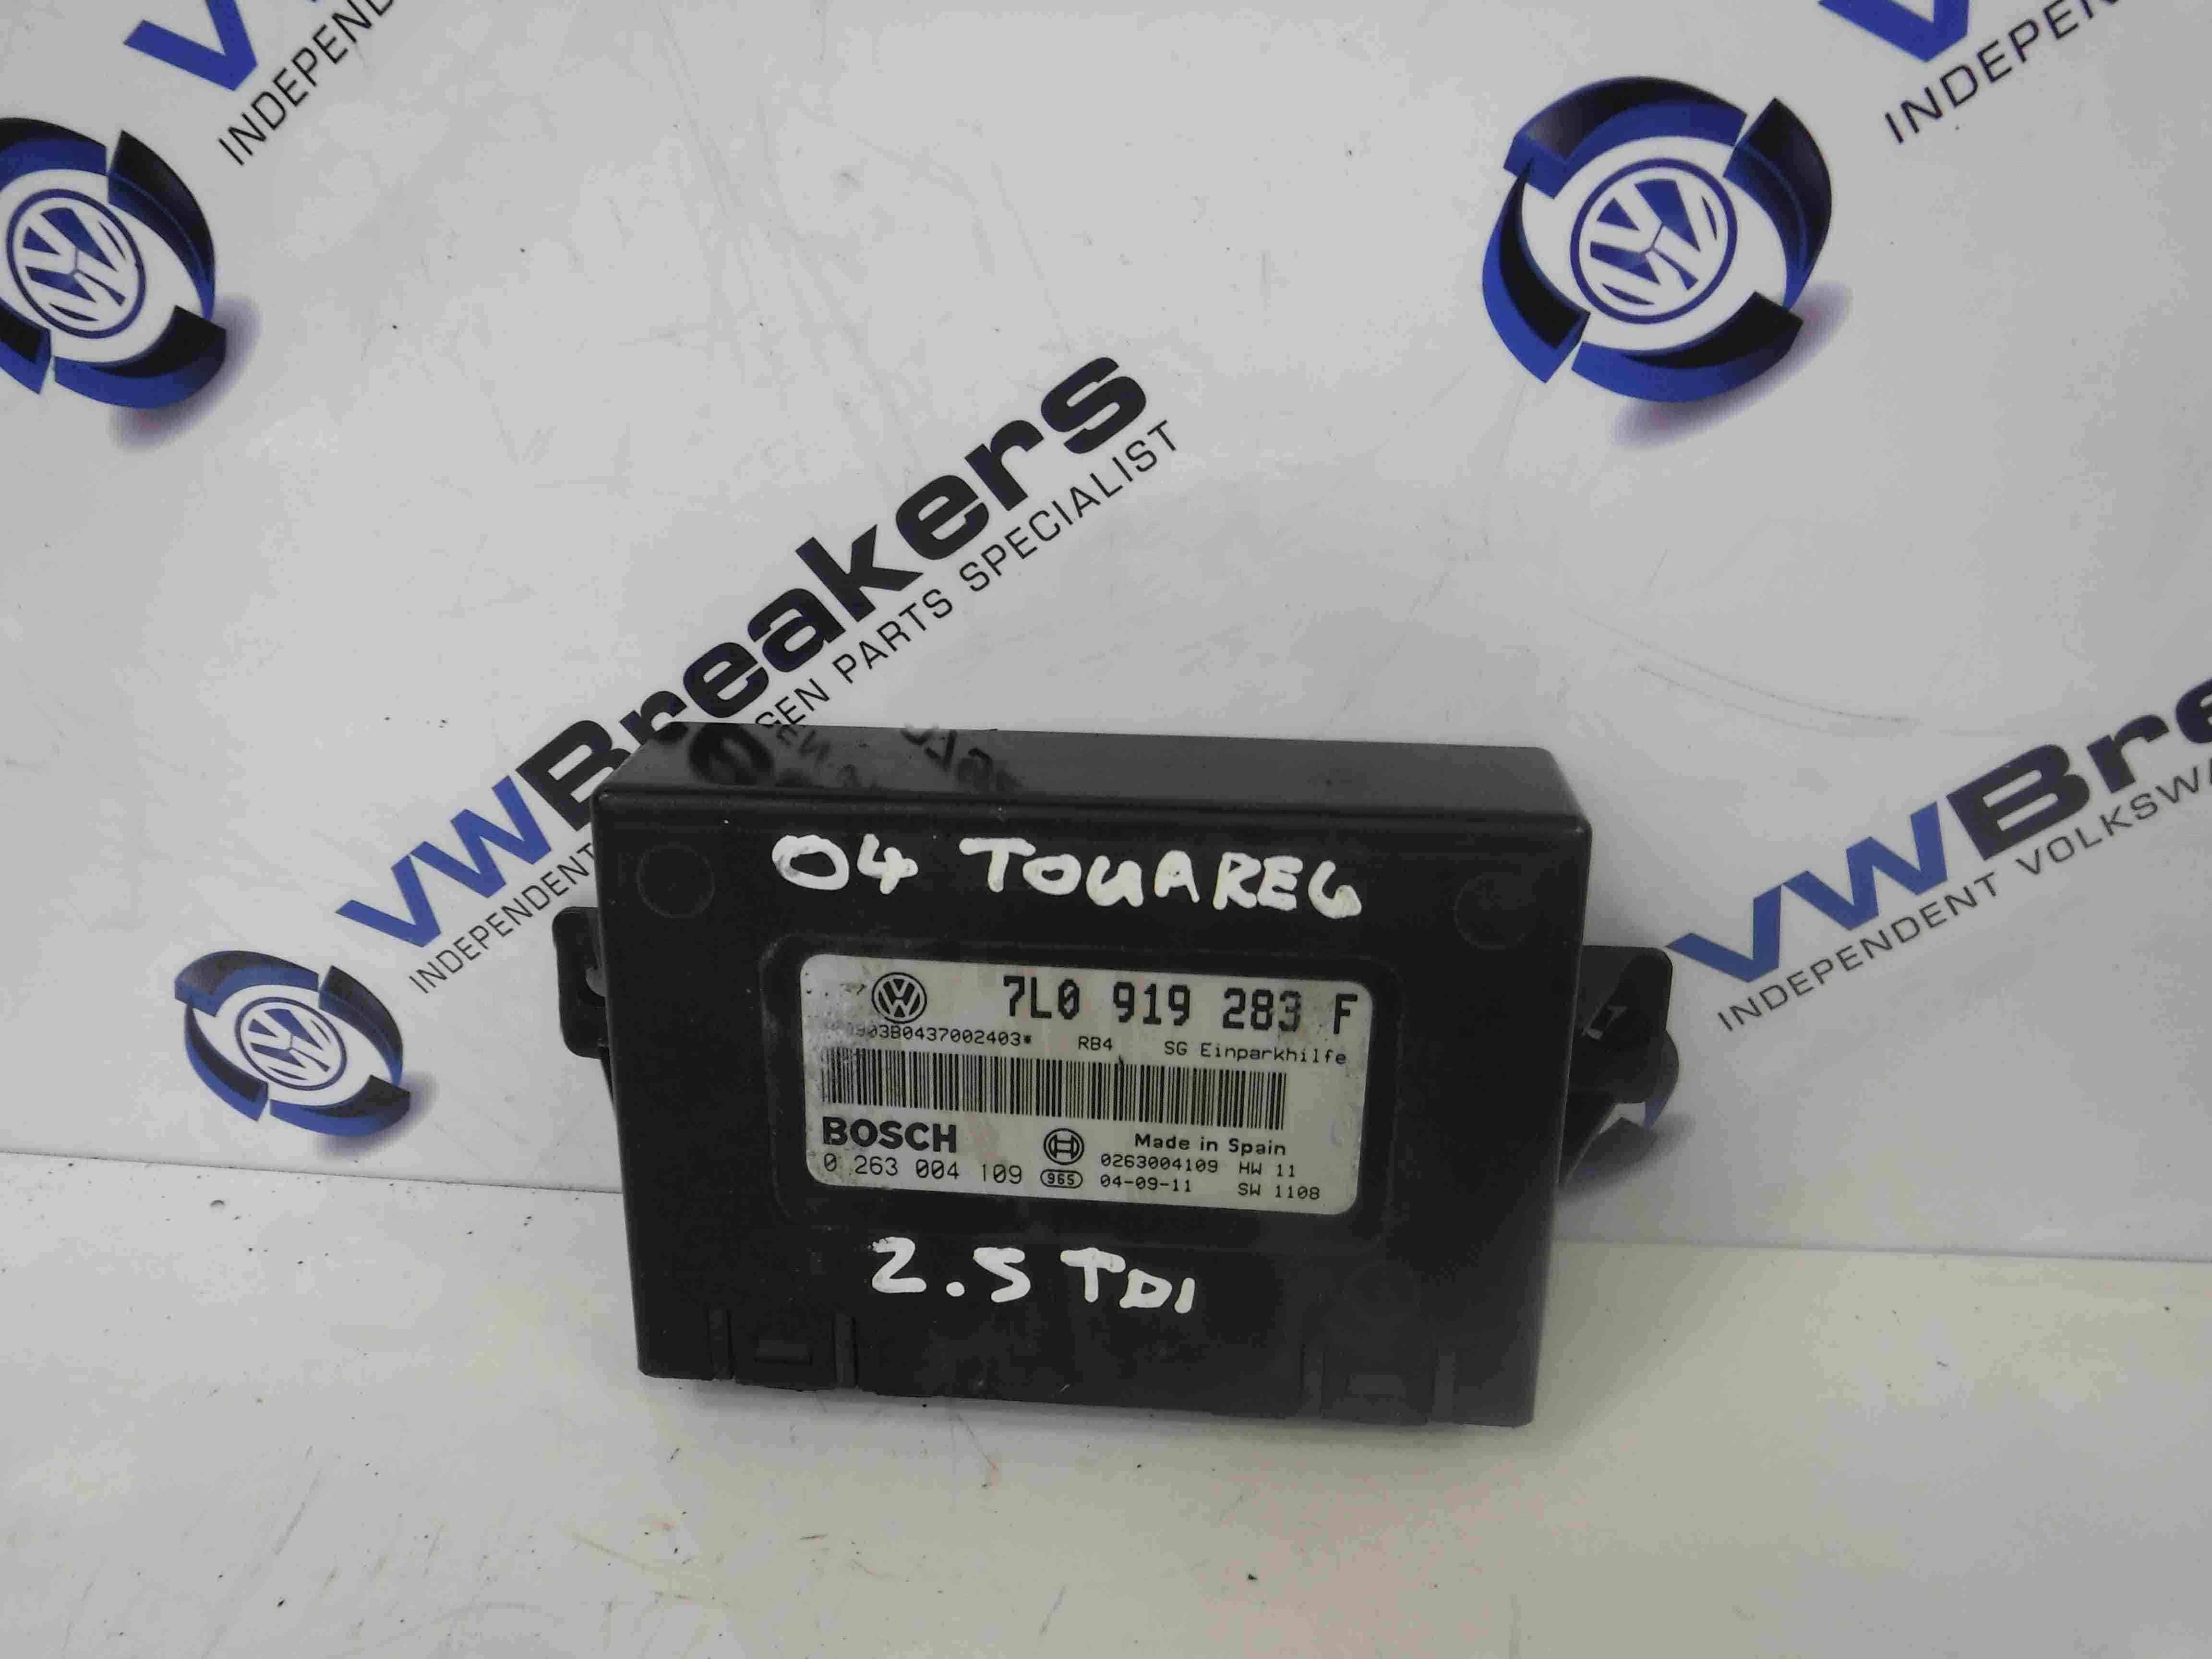 Volkswagen Touareg 2002-2007 Parking Assistance Control Unit 7L0919283F